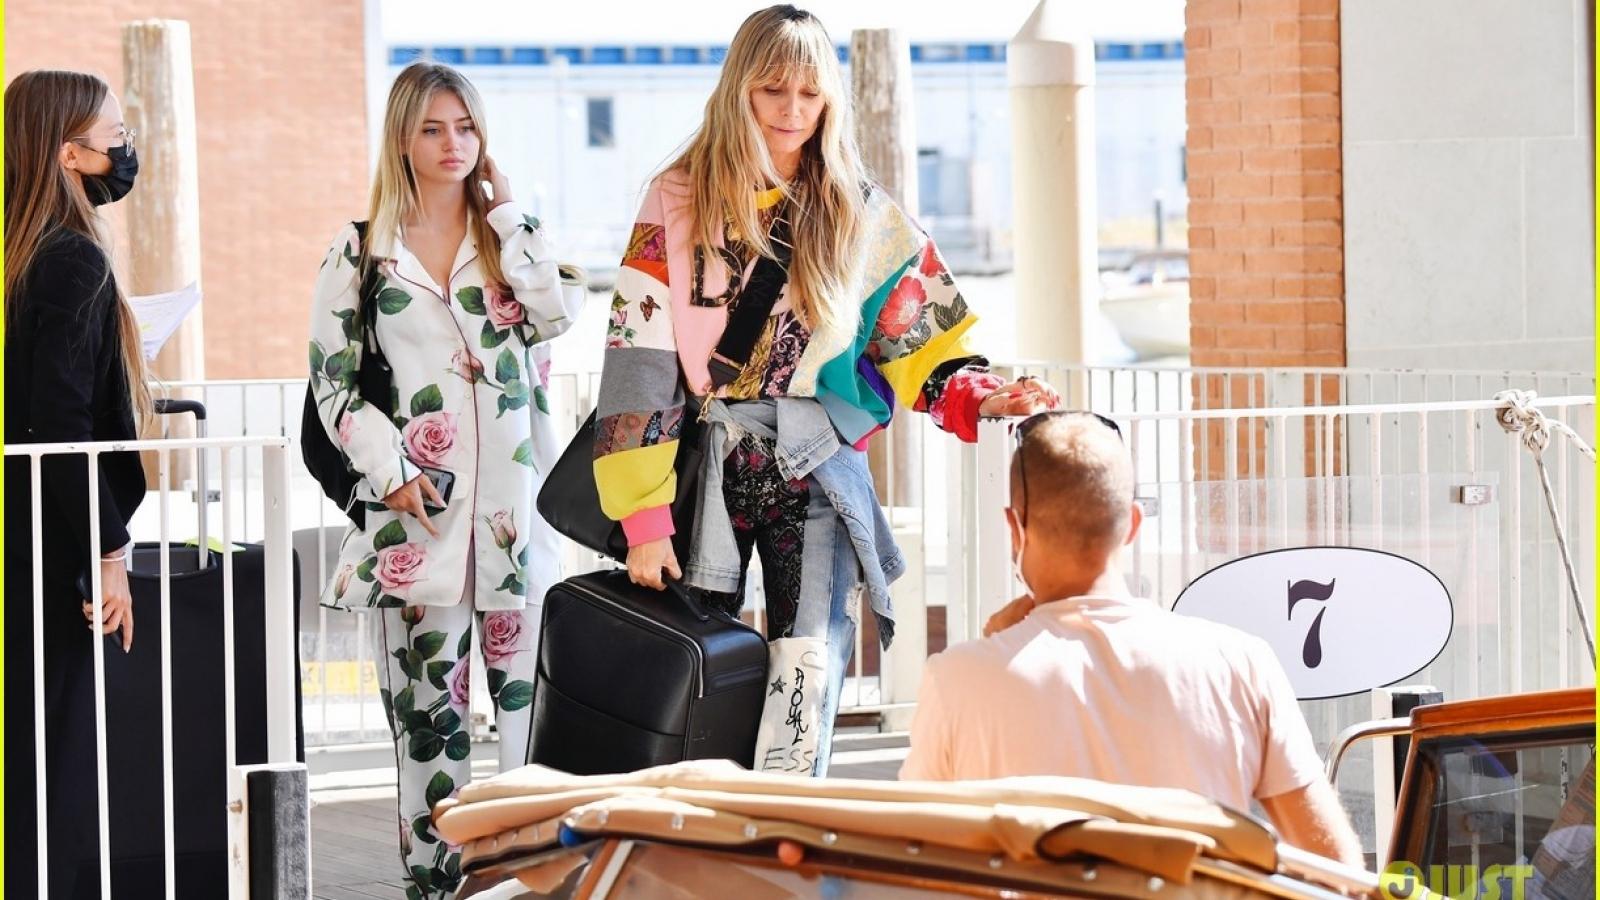 Siêu mẫu áo tắm Heidi Klum tái xuất rạng rỡ bên con gái Leni